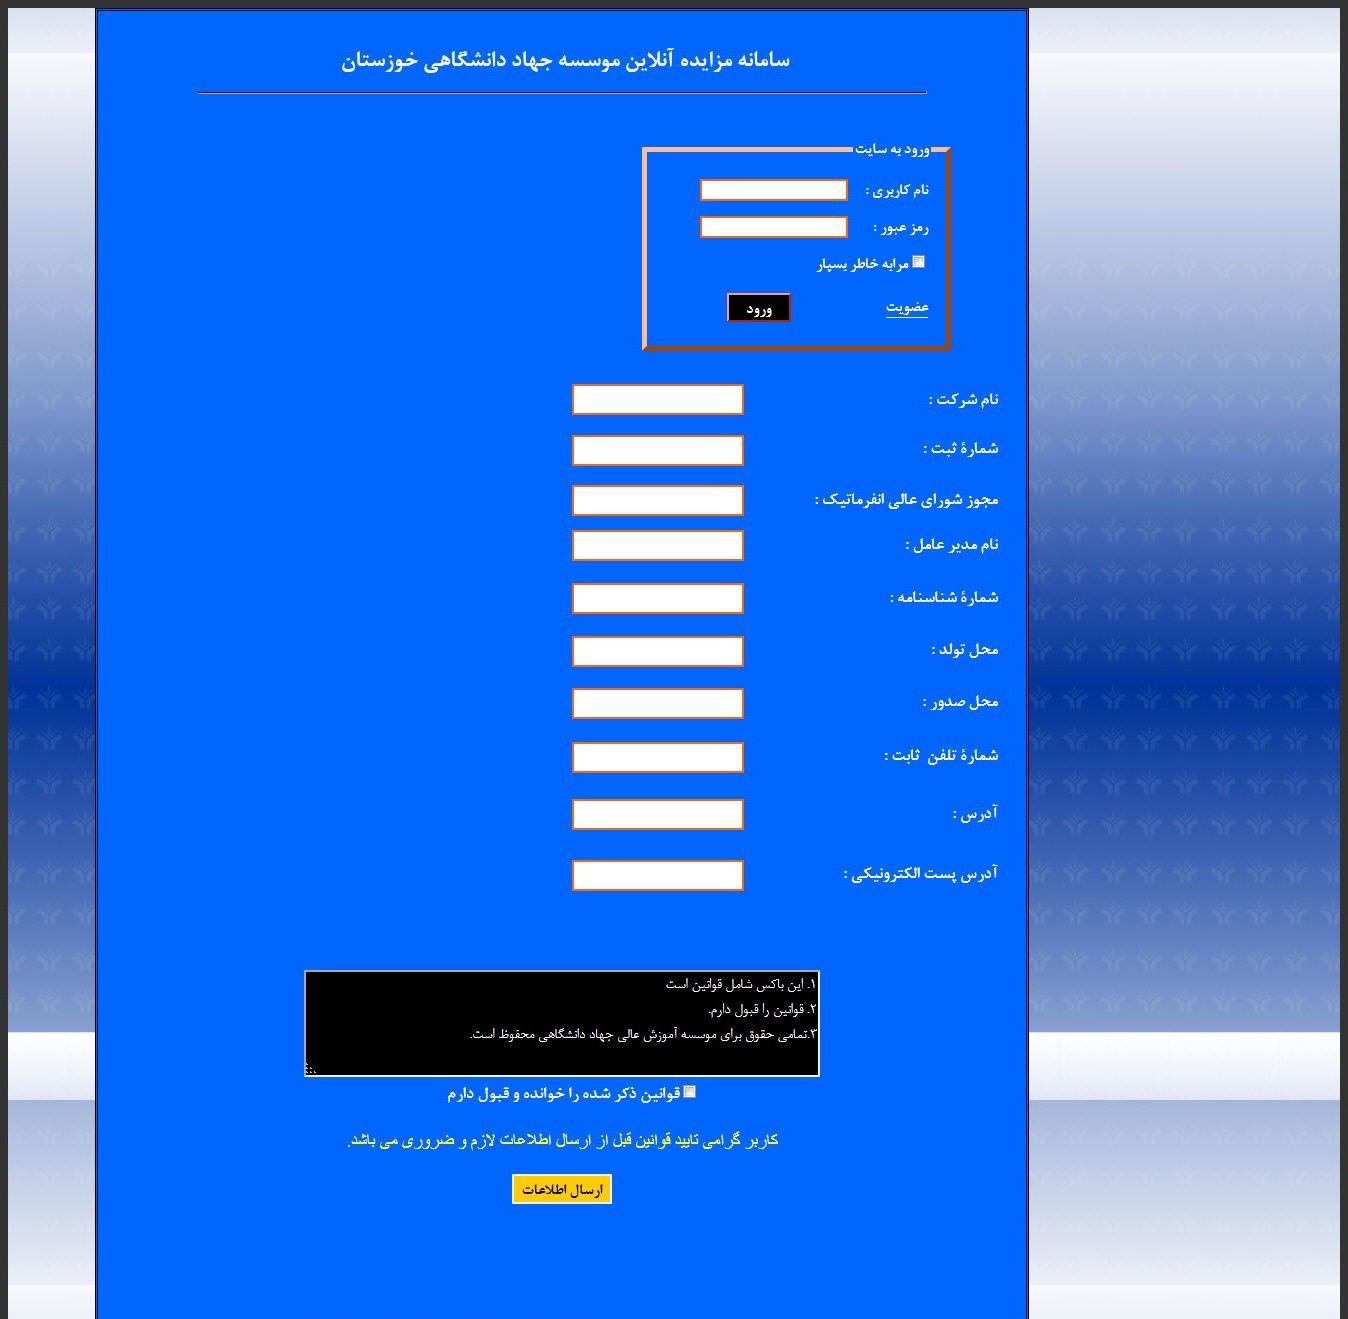 طراحی و برنامه نویسی سامانه مزایده آنلاین جهاددانشگاهی خوزستان